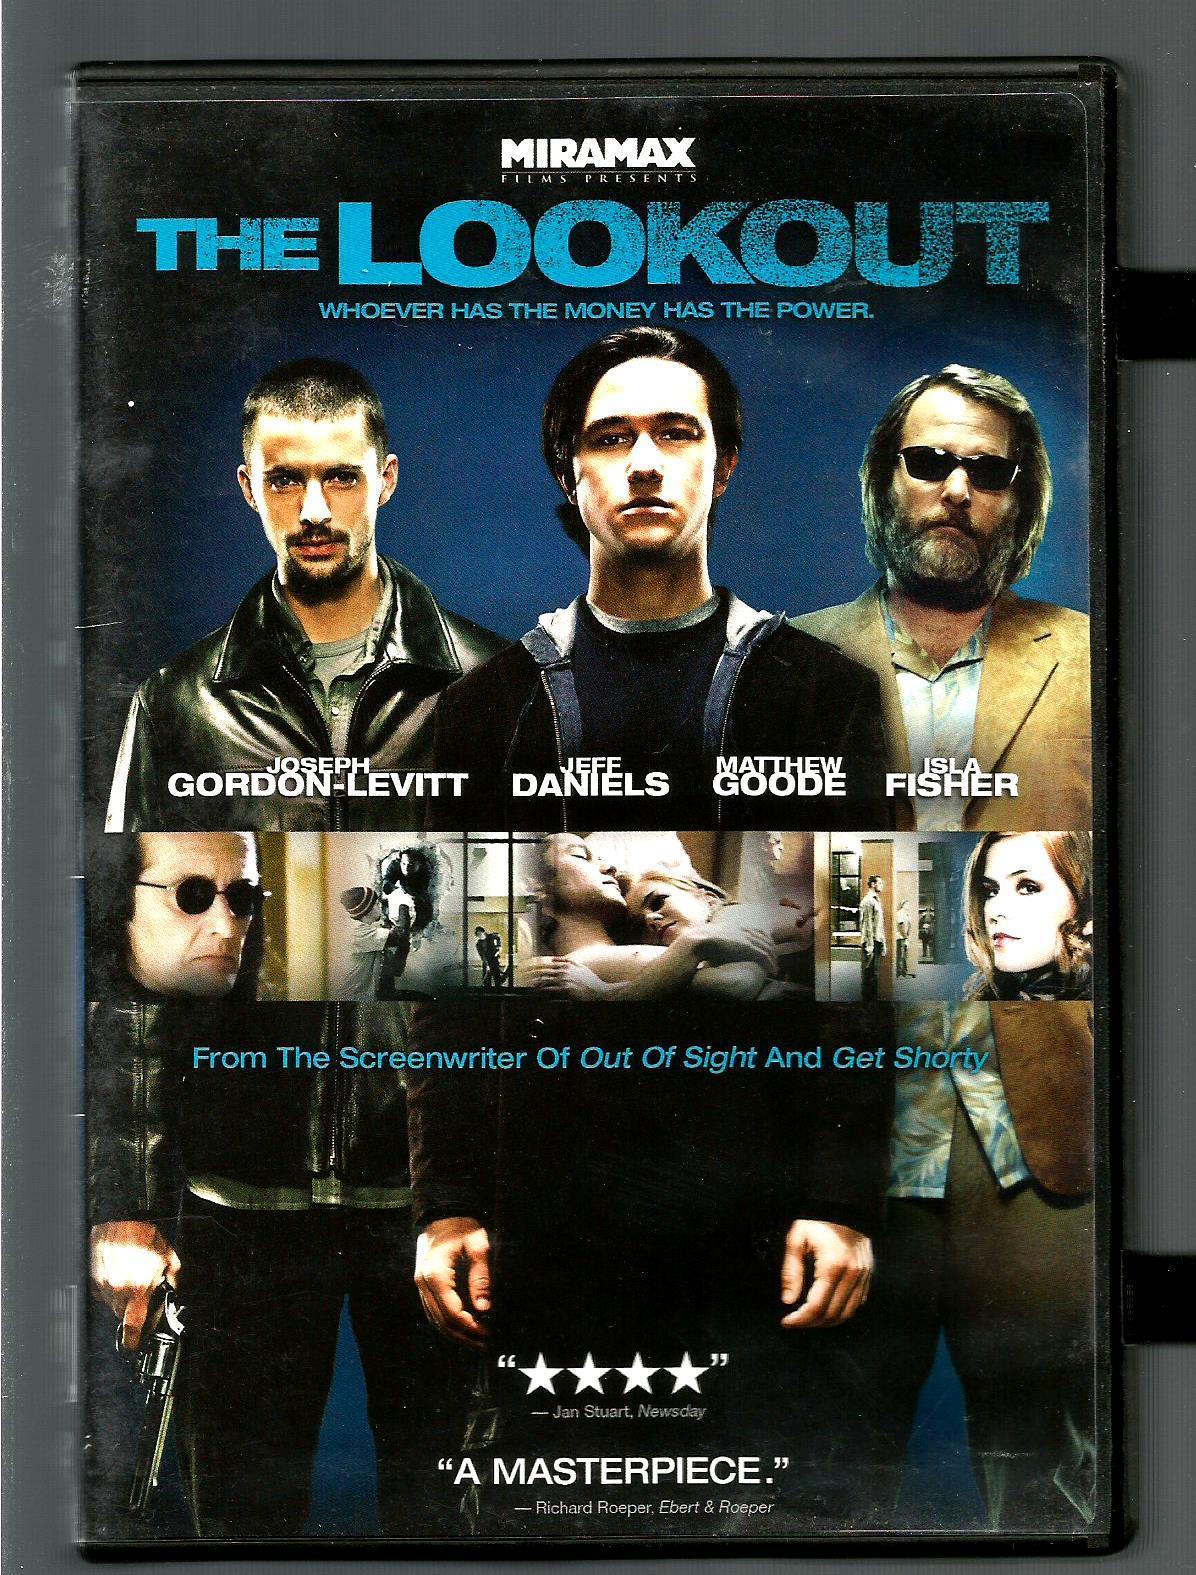 THE  OUTLOOK  * JOSEPH GORDON-LEVITT  ~  JEFF DANIELS  *  WIDESCREEN DVD